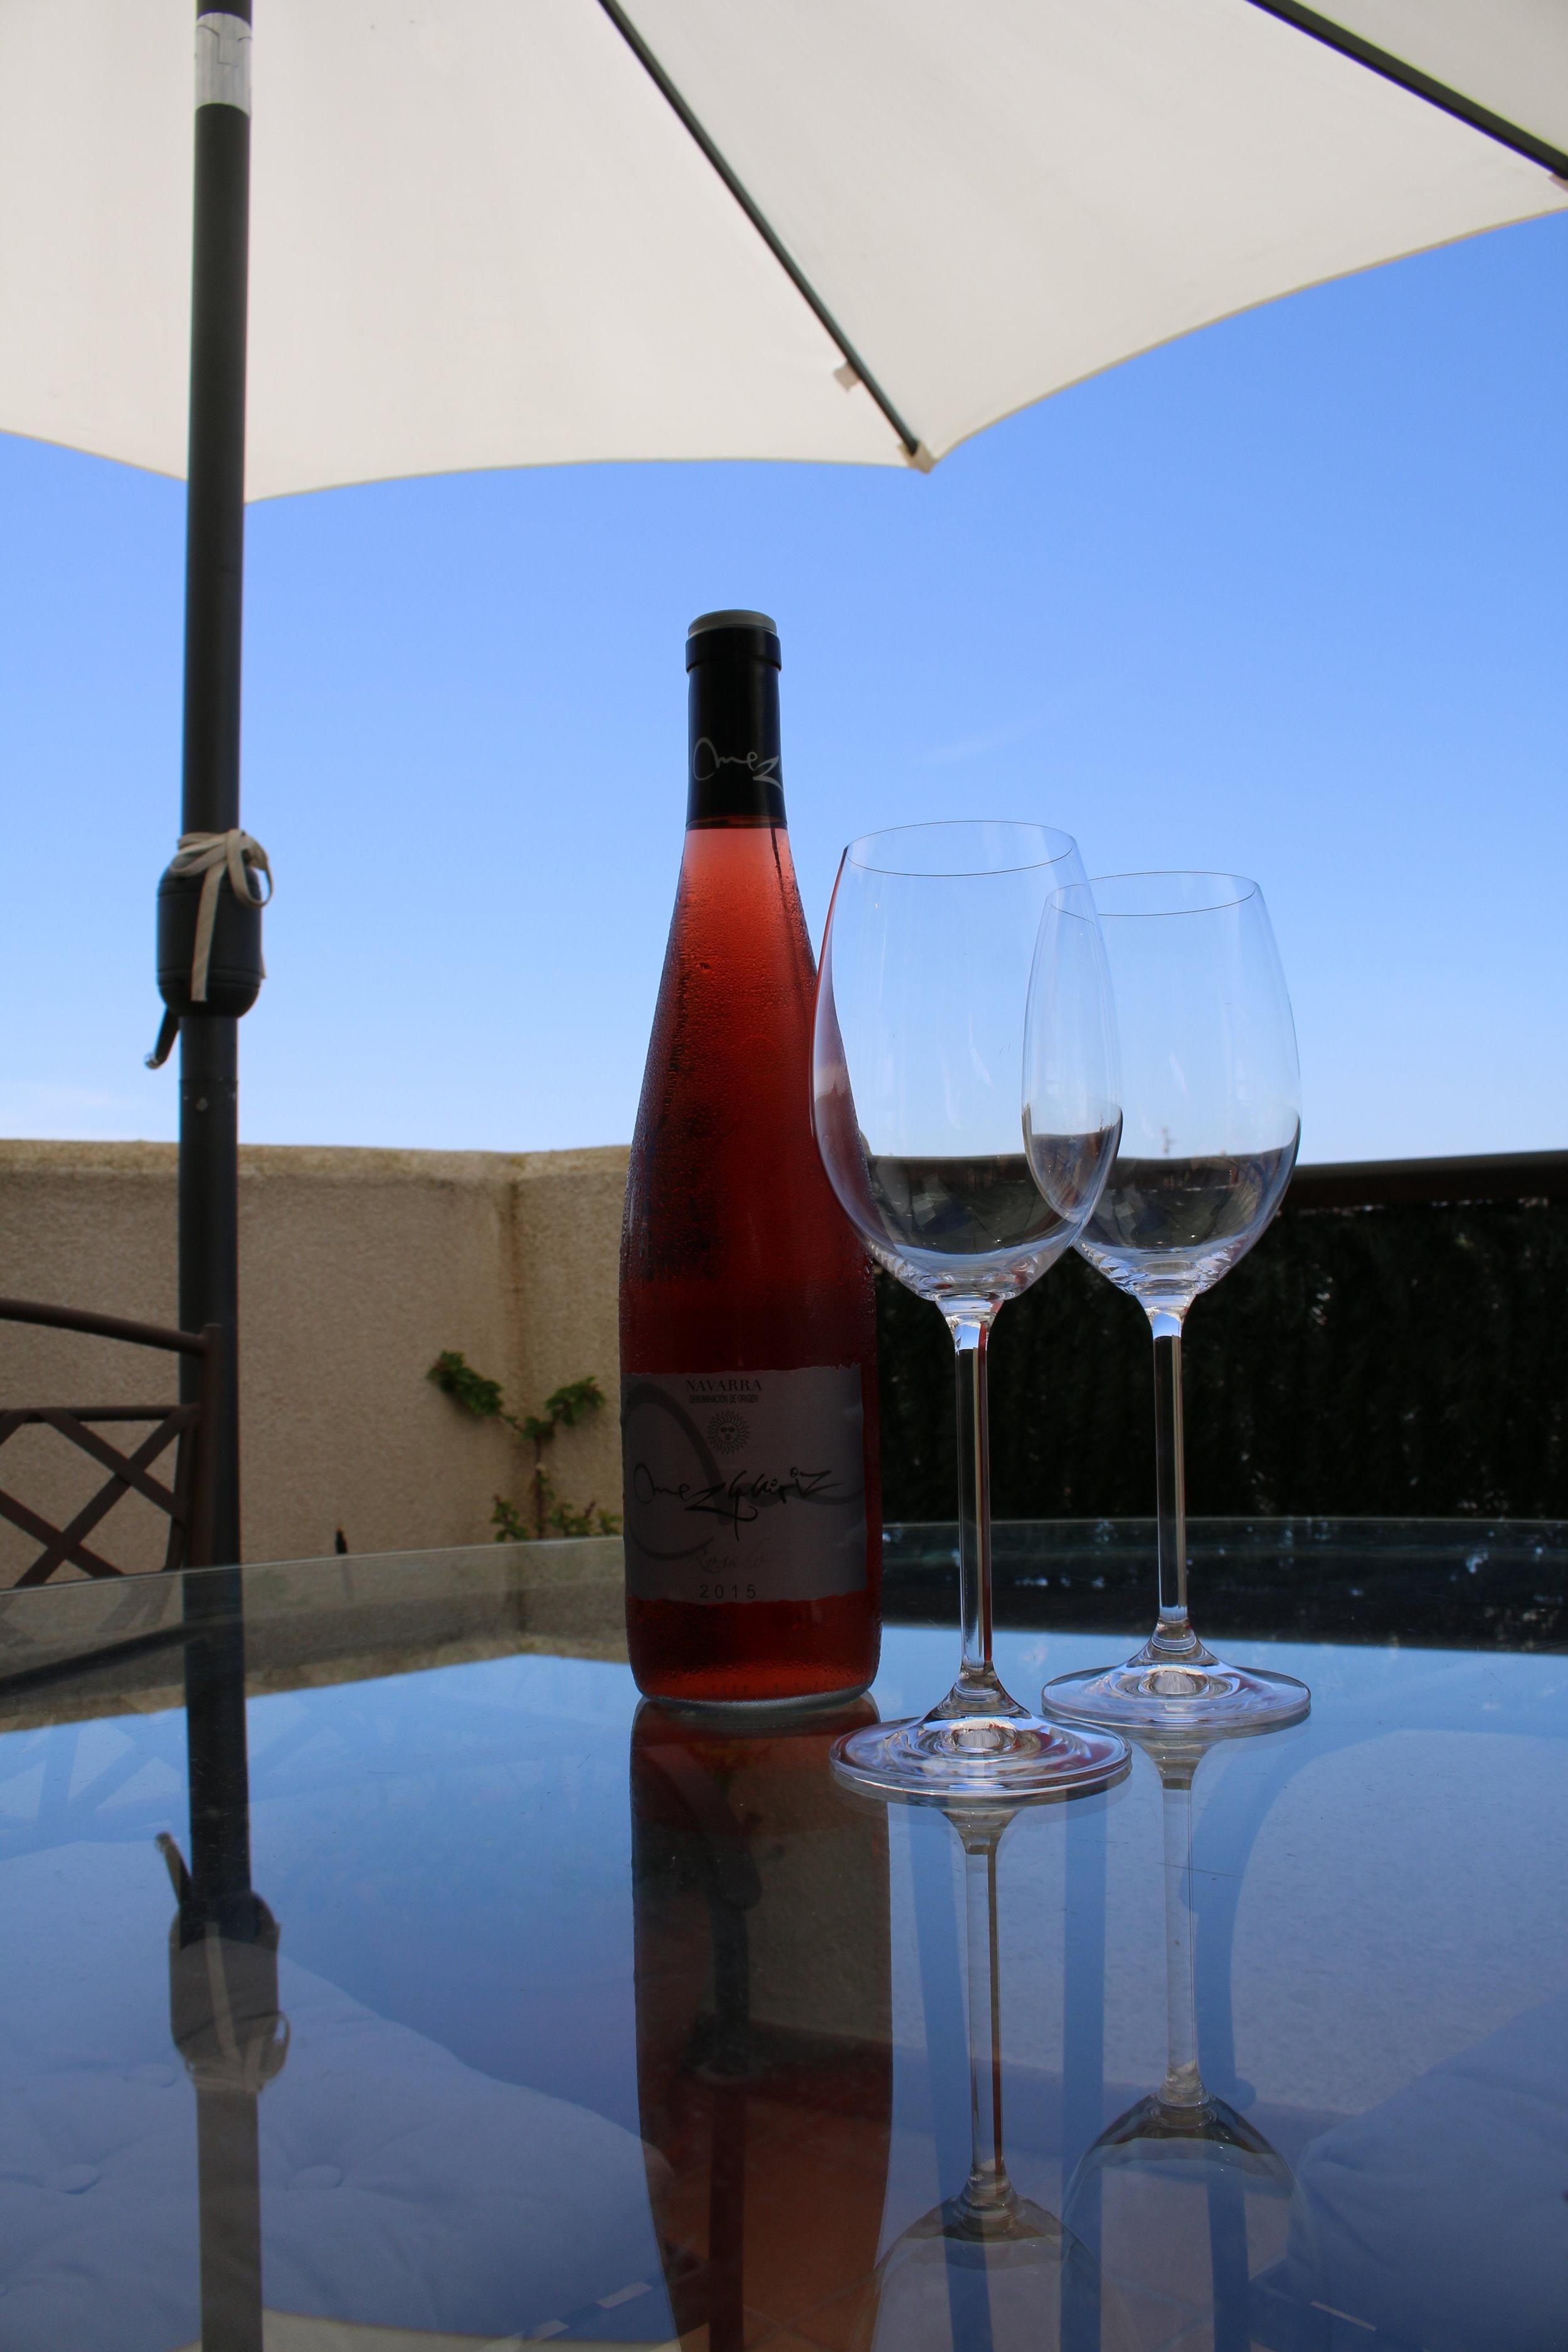 Velkommen til et forfriskende glas kold vin på teressen.